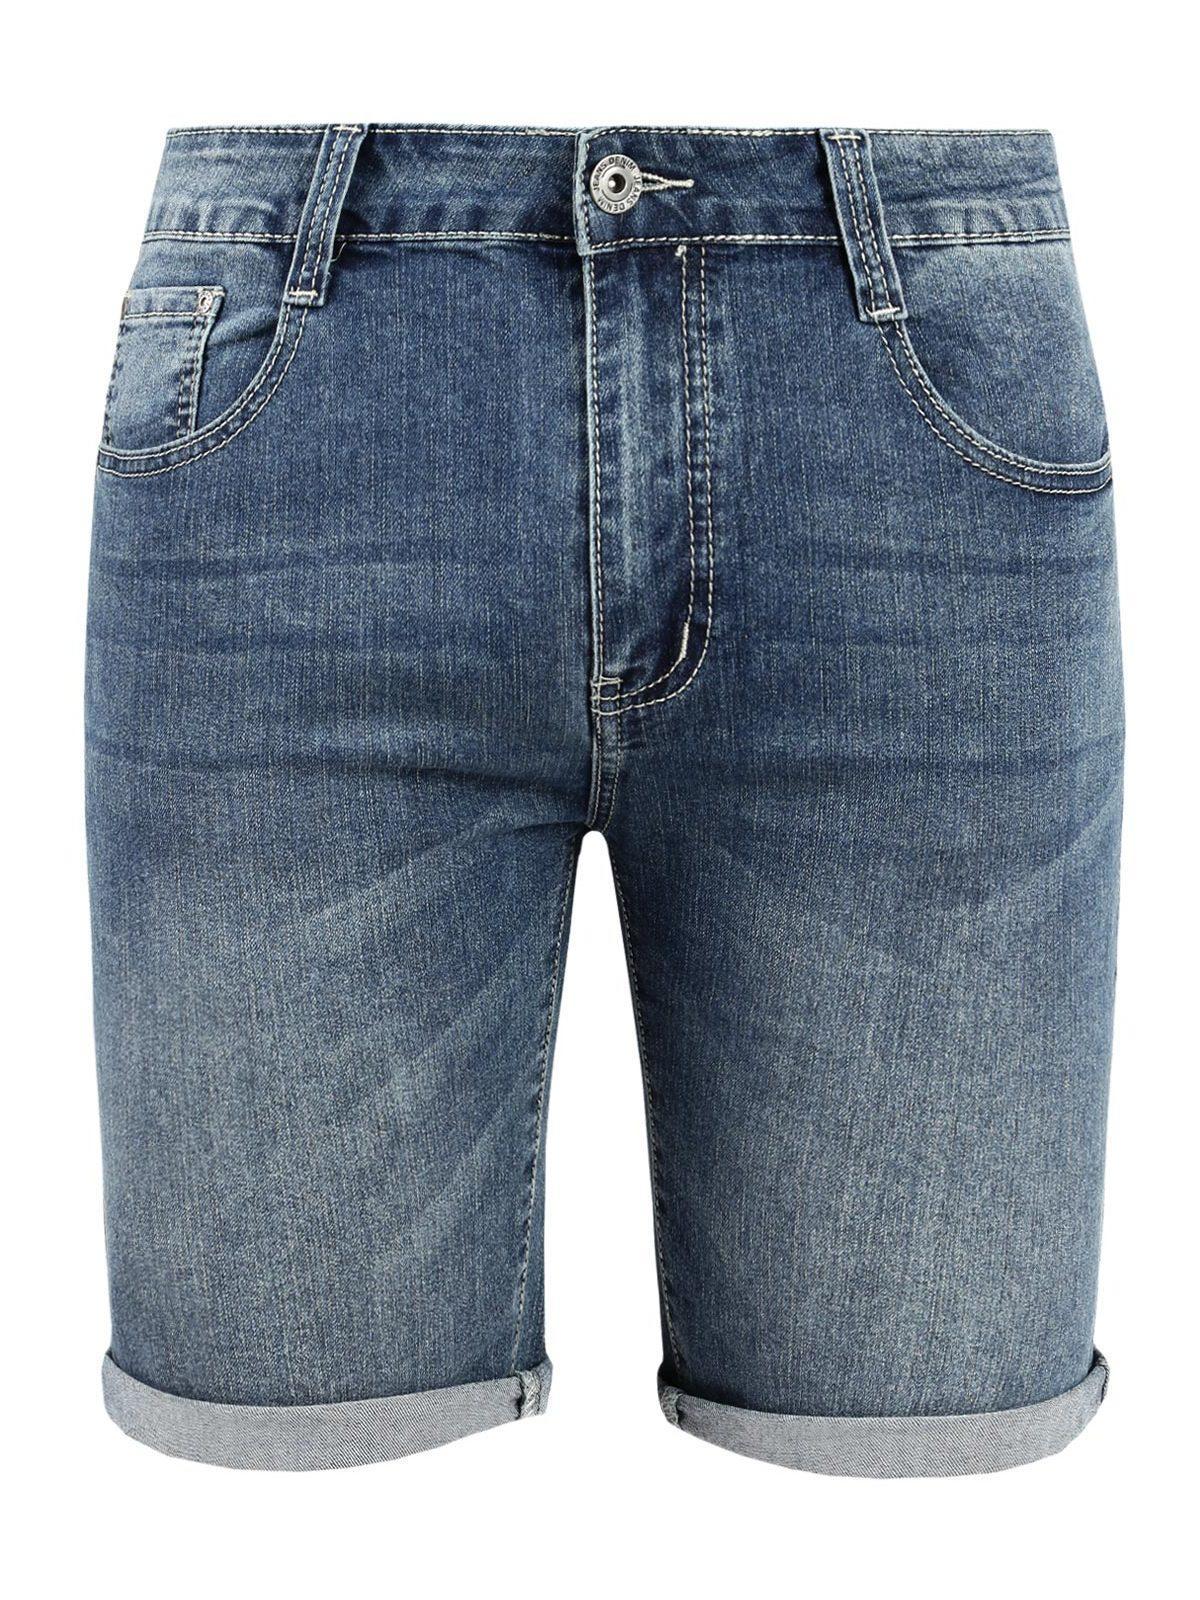 Uomo Come Misure Prendono Jeans Si vNOn0m8w